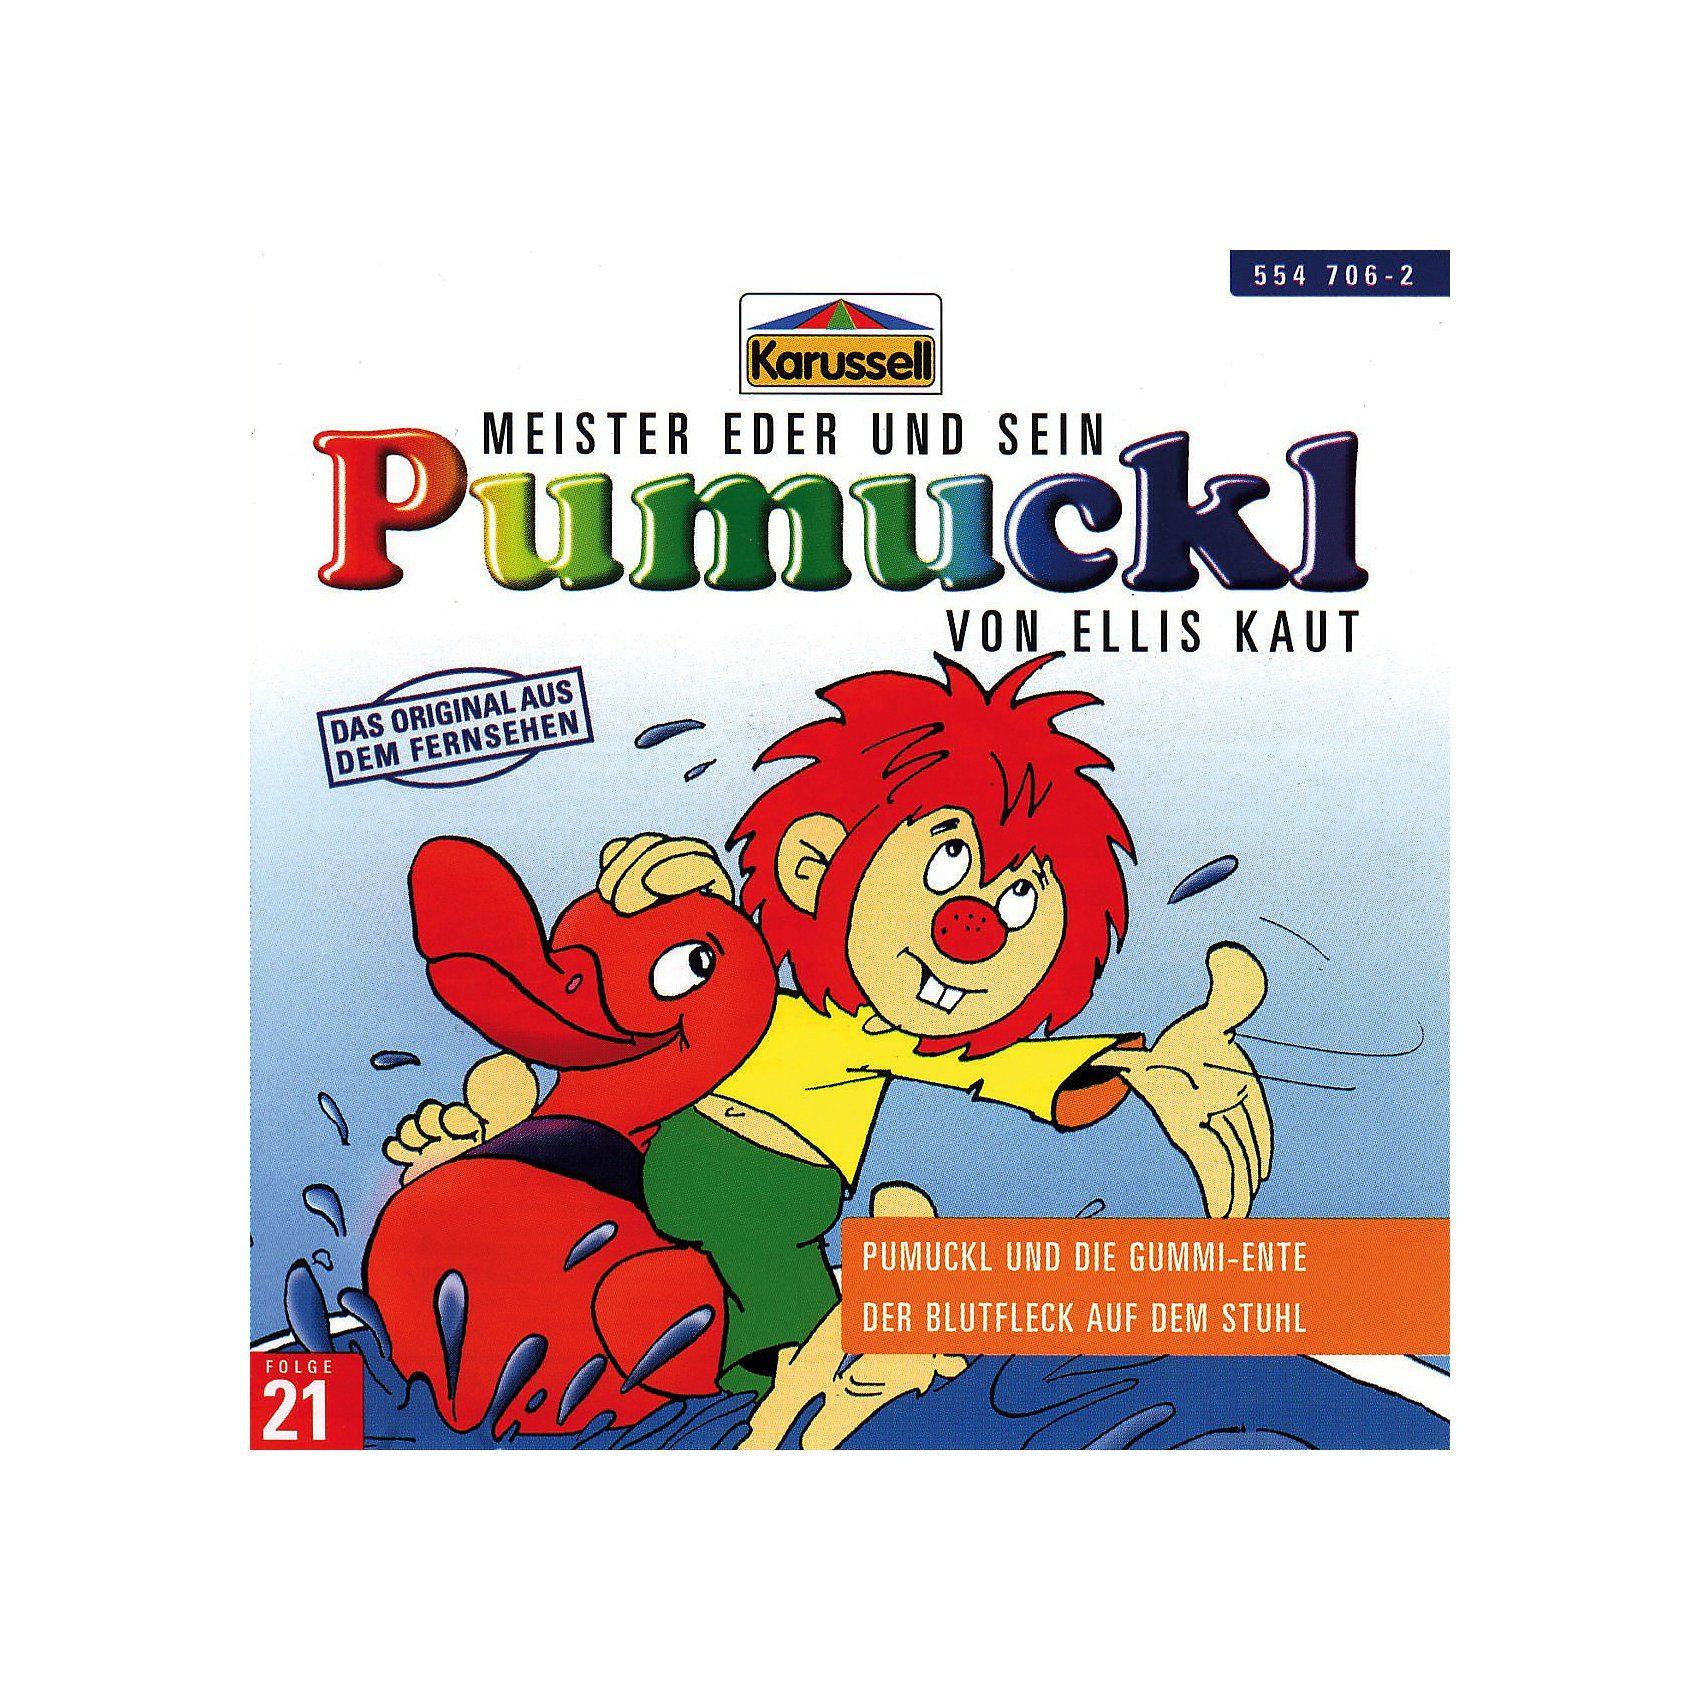 Universal CD Pumuckl 21 - Pumuckl und die Gummi-Ente/ Der Blutfleck